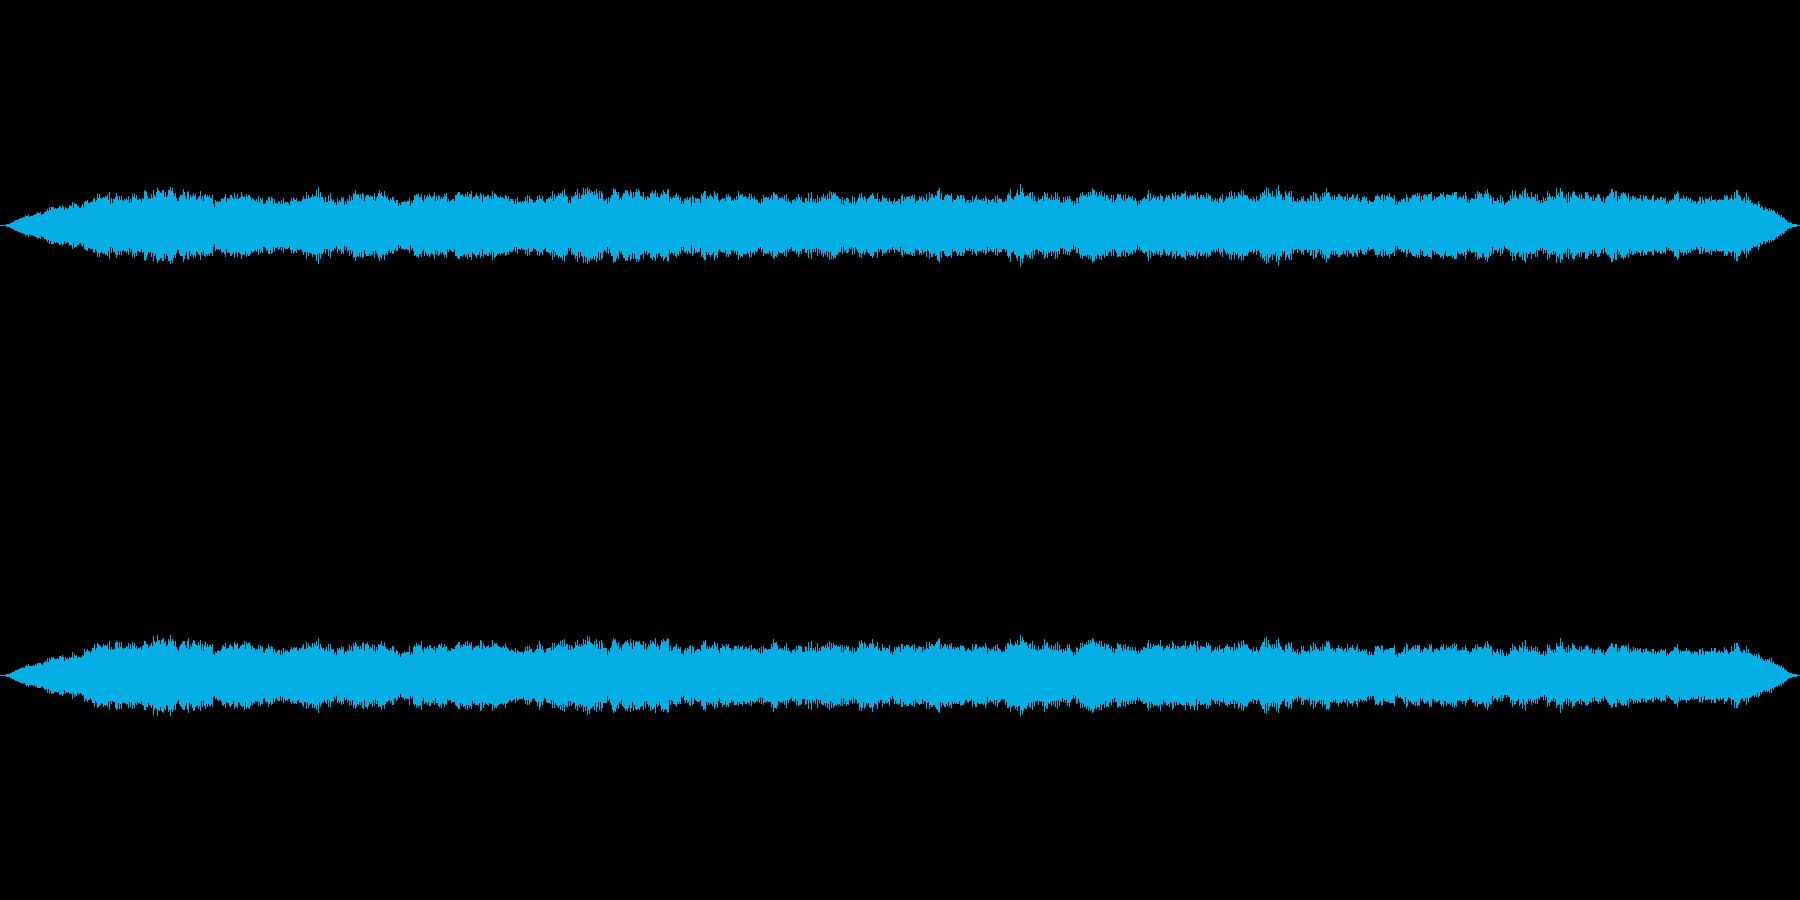 汚染地区や妨害電波をイメージした音の再生済みの波形